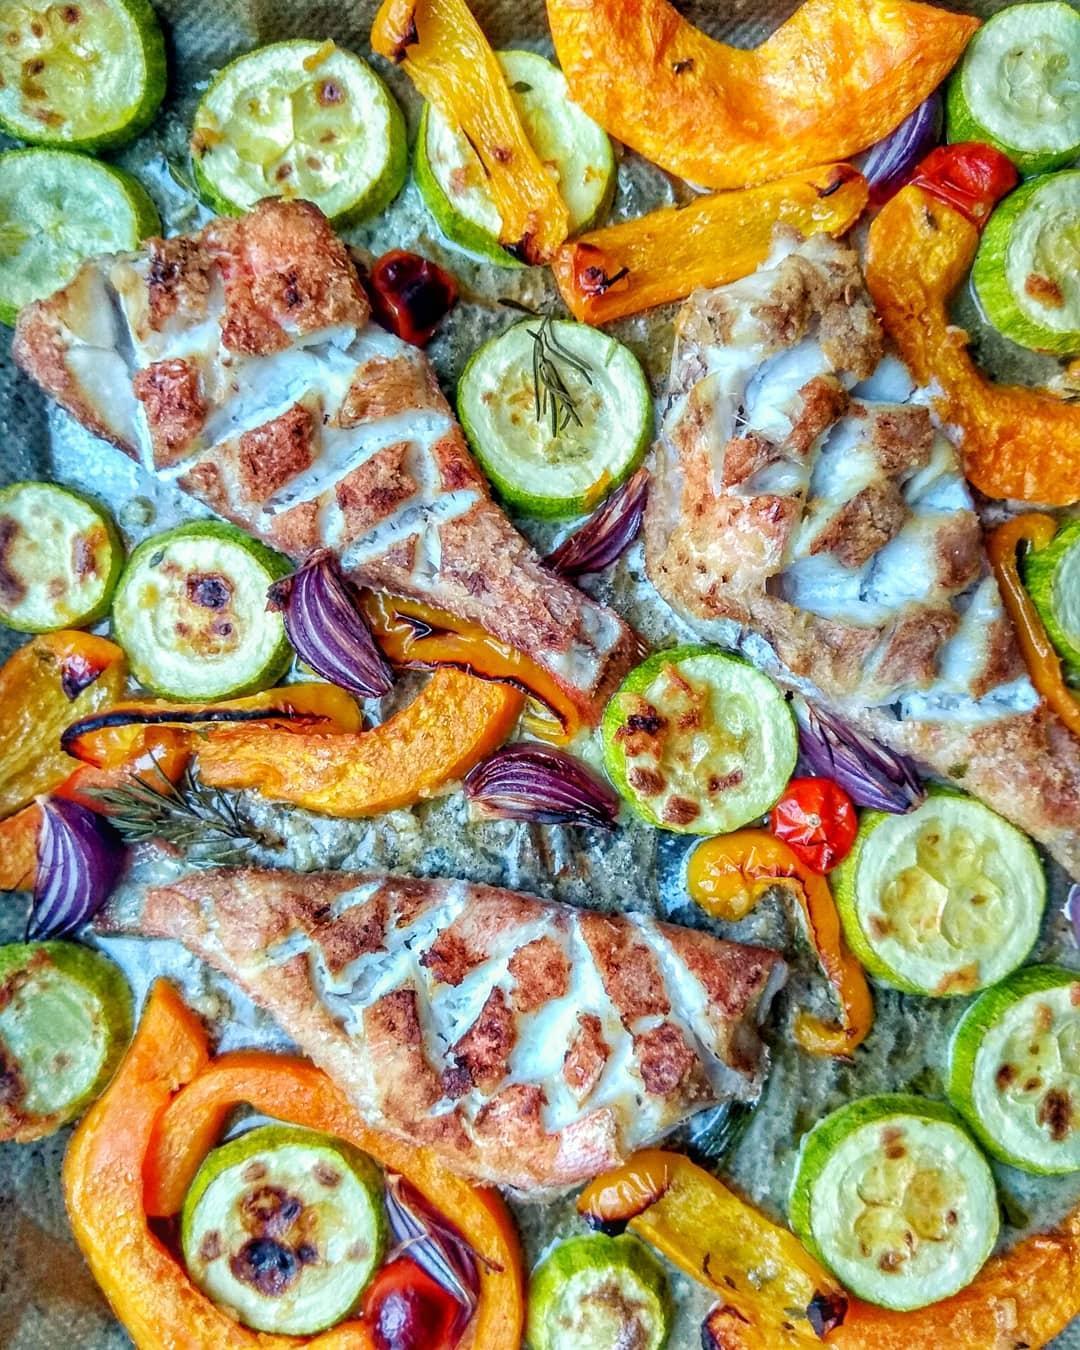 Простой обед с рыбой! Три рецепта приготовления морского окуня